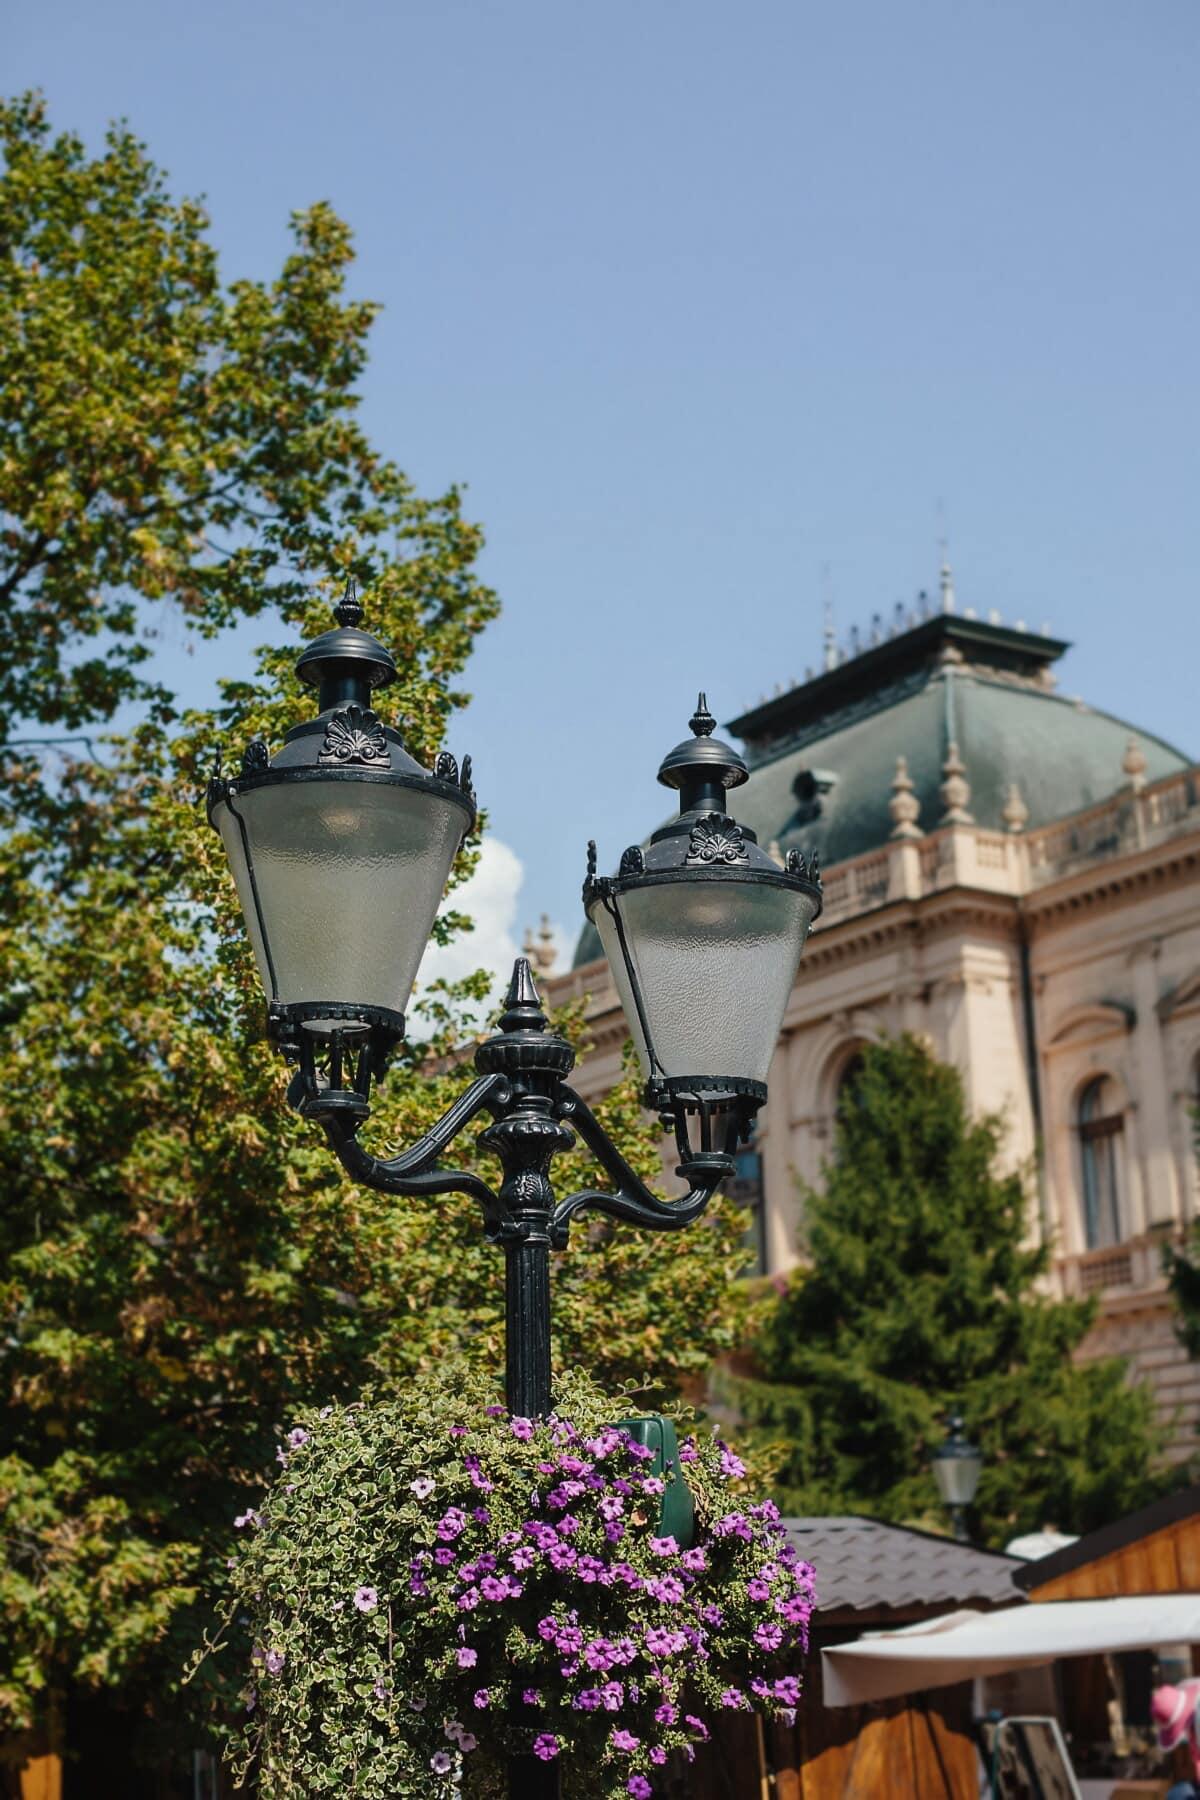 Barock, Stil, Laterne, Straße, Architektur, Gebäude, Lampe, im freien, Stadt, alt